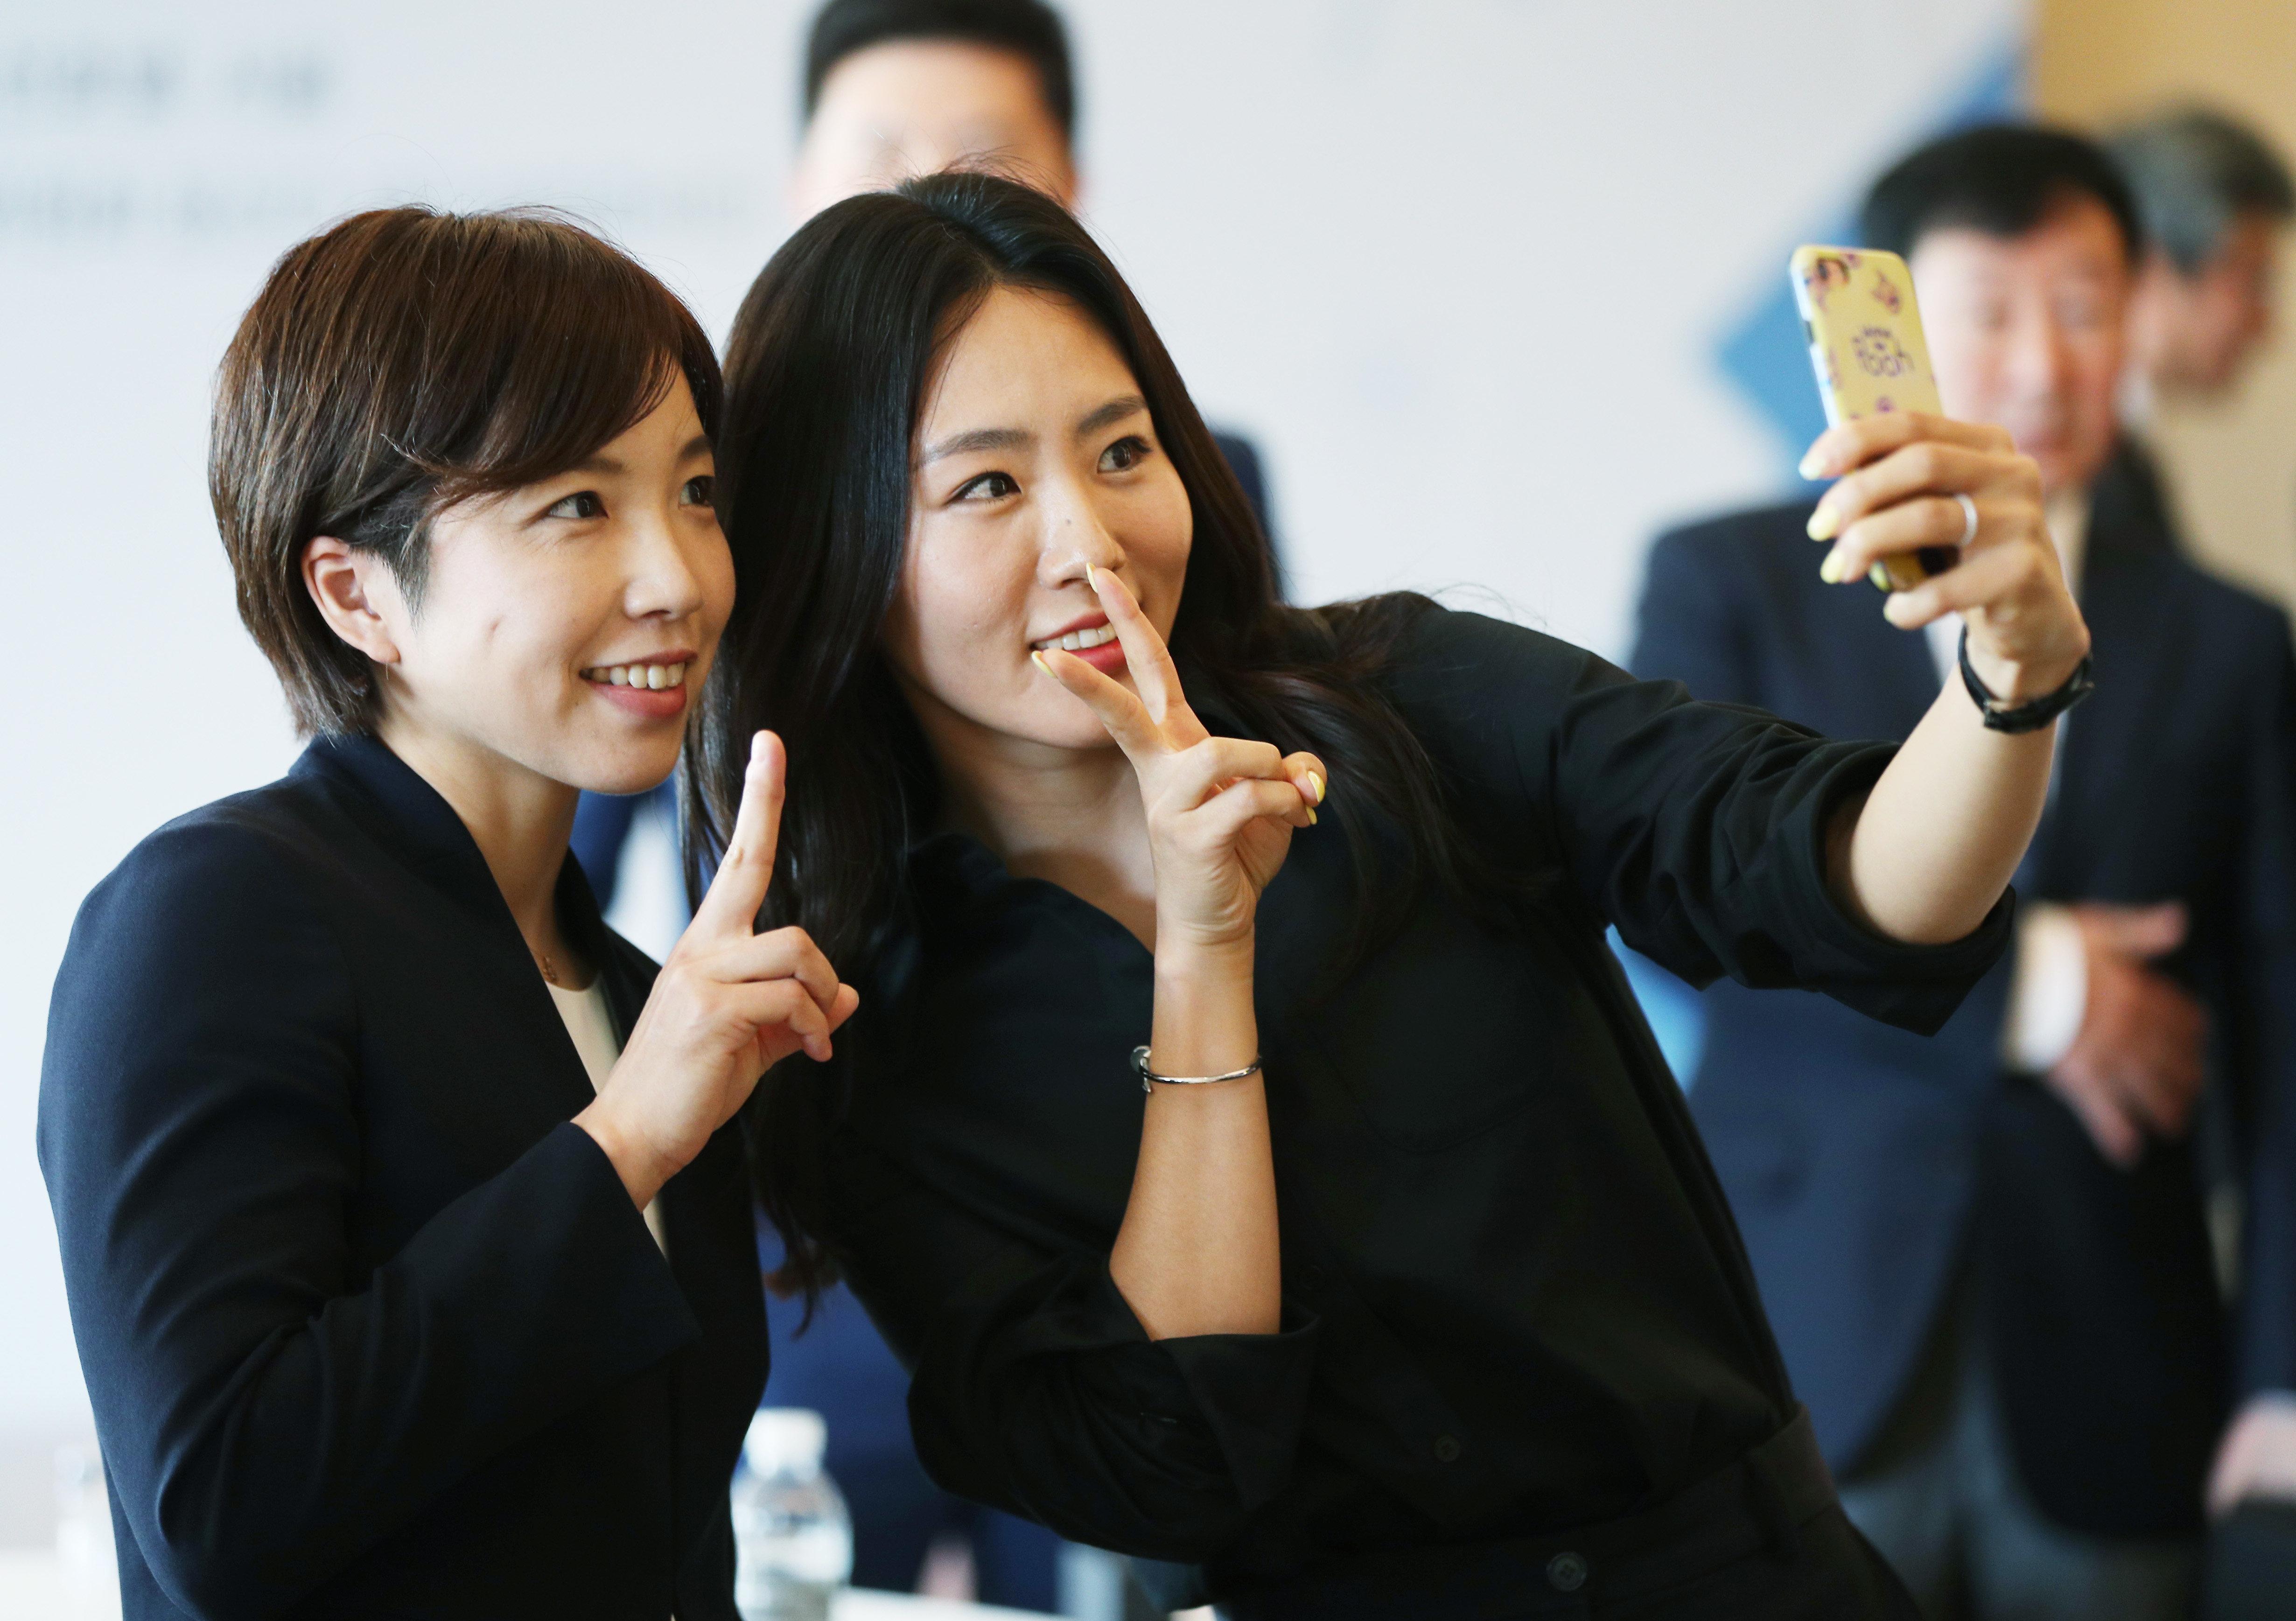 이상화와 고다이라 나오가 한국에서